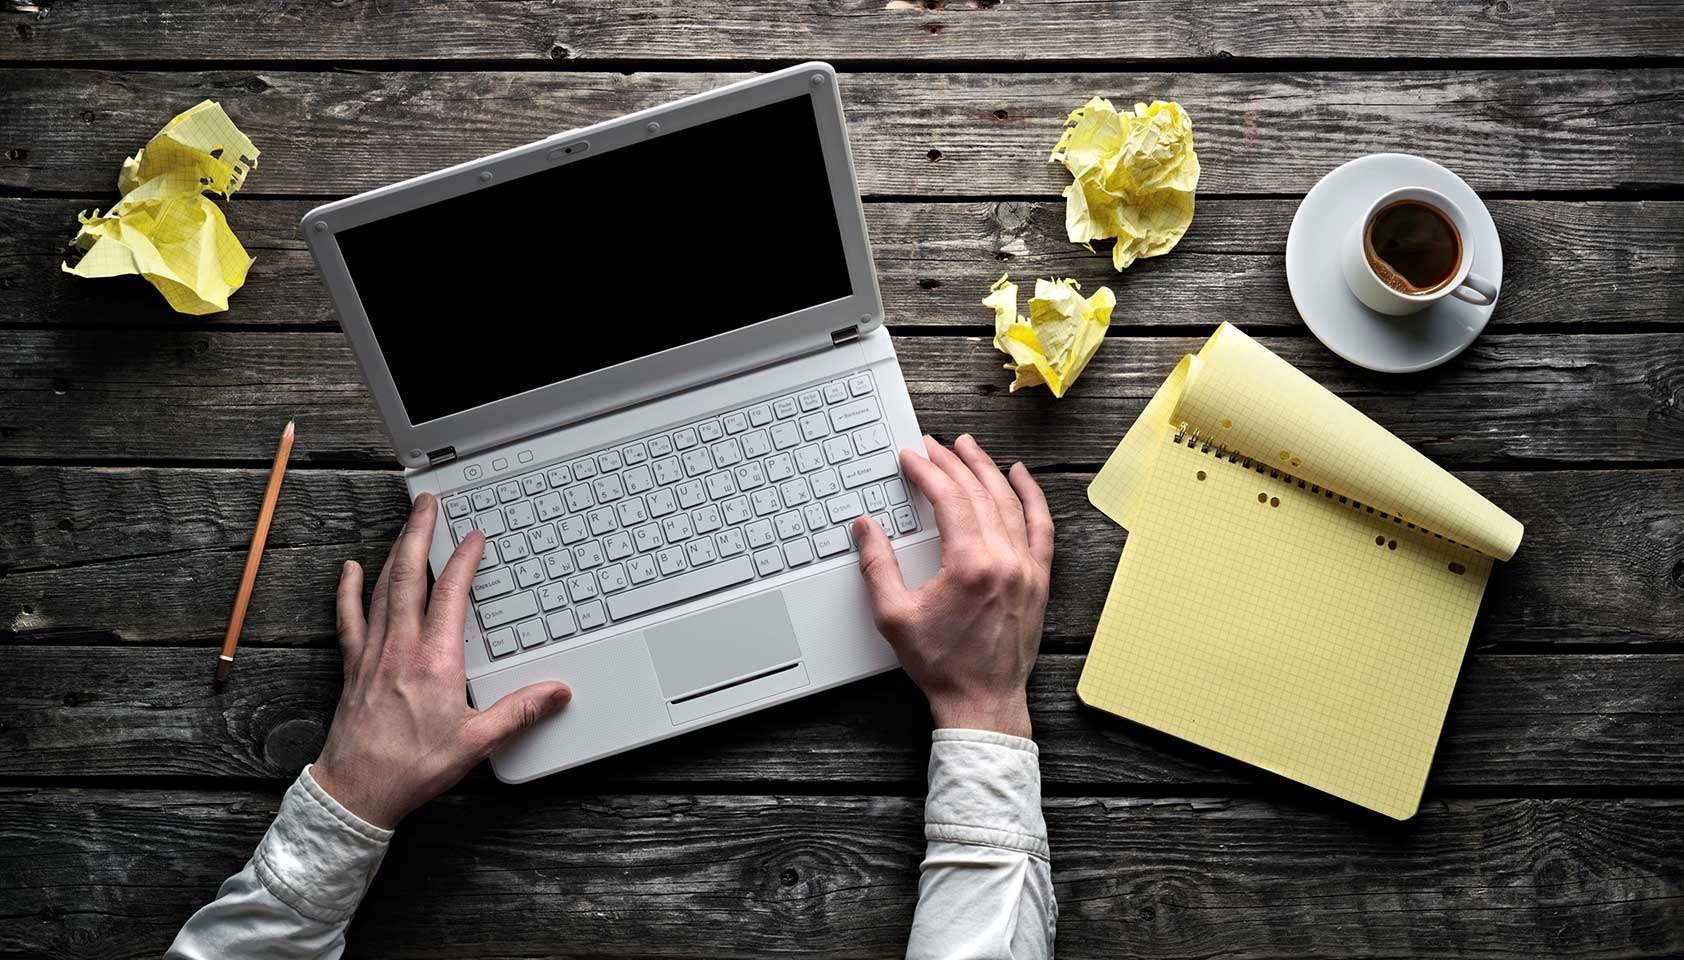 راههایی برای جلب اعتماد مشتریان به وبسایت